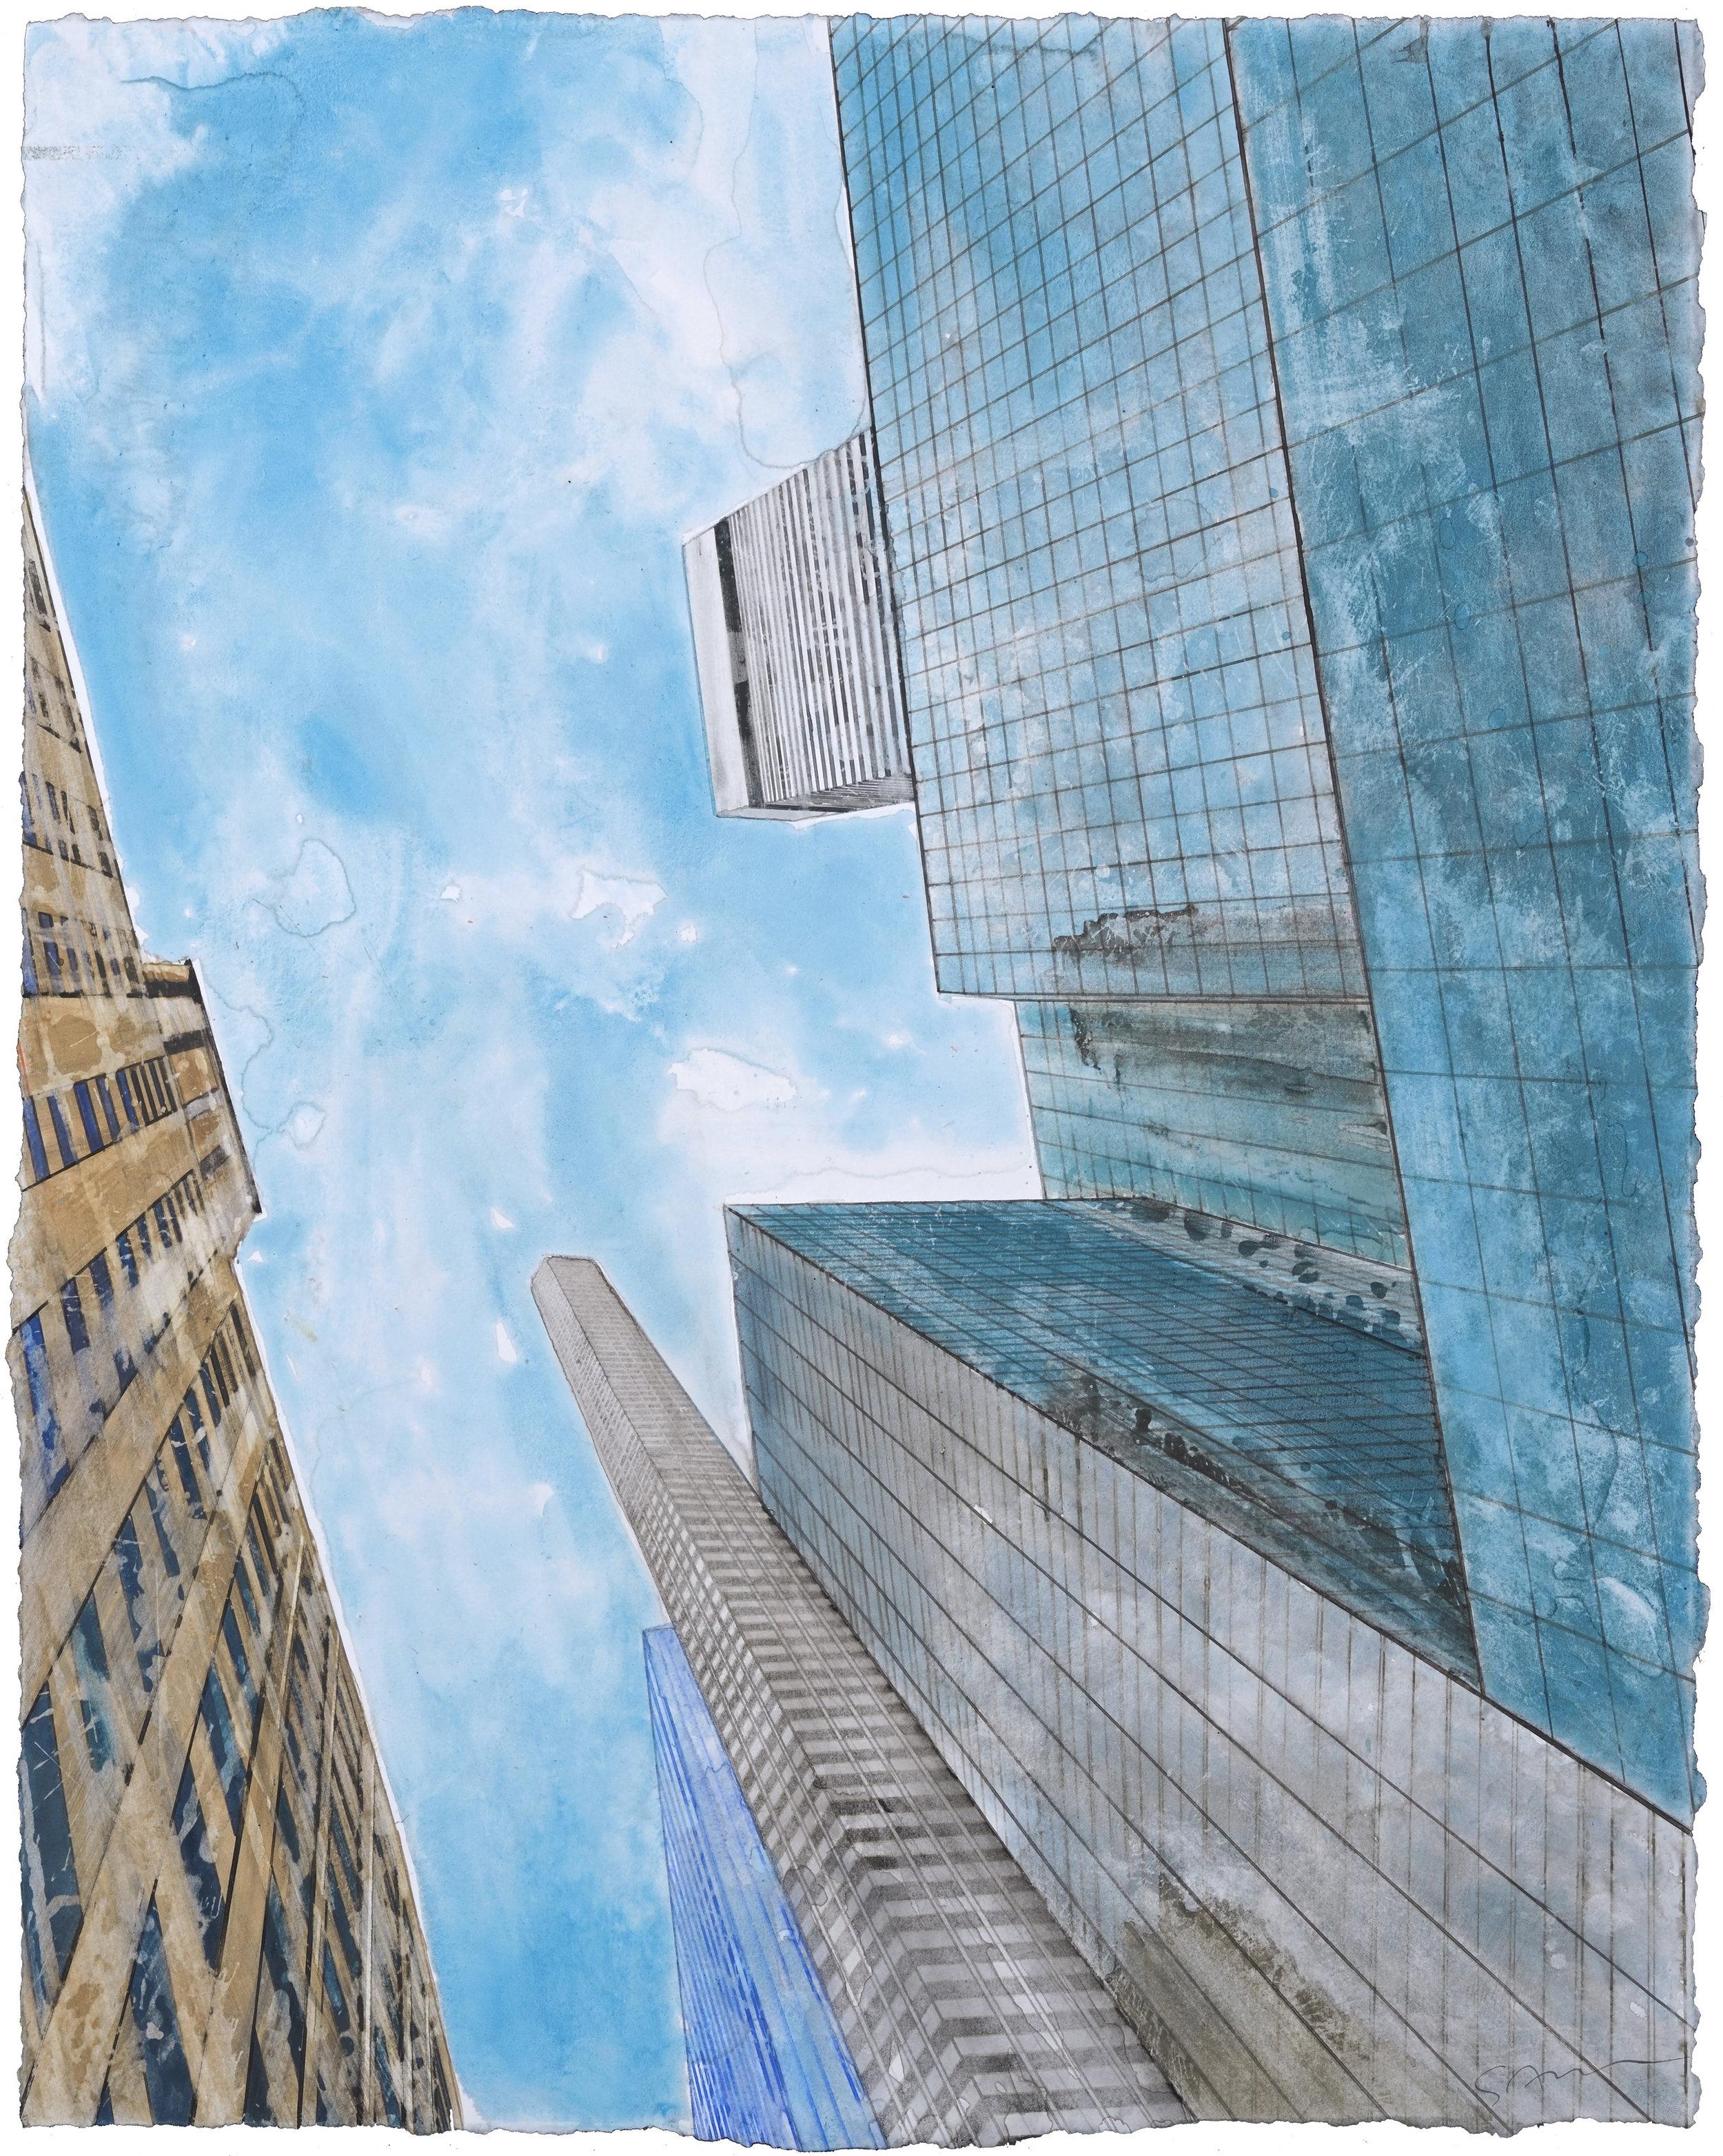 Hans Guck in die luft in New York II, watercolor, 61 x 48 cm, 24 x 19 in, 2016